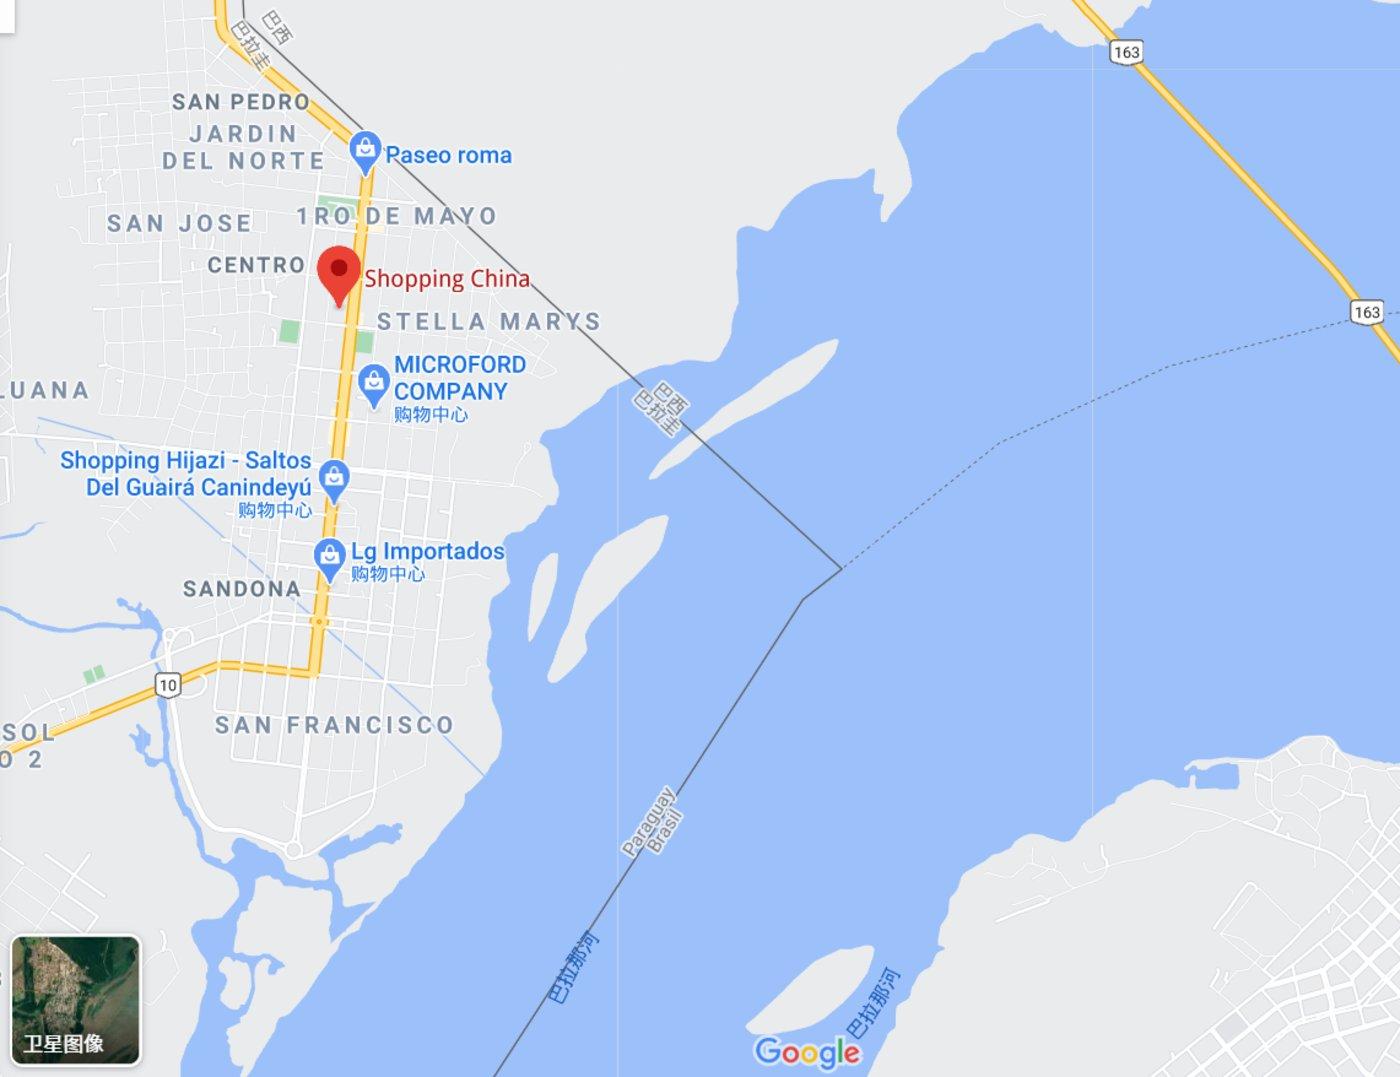 位于巴拉圭与巴西交界处的Shopping China/来源:谷歌地图